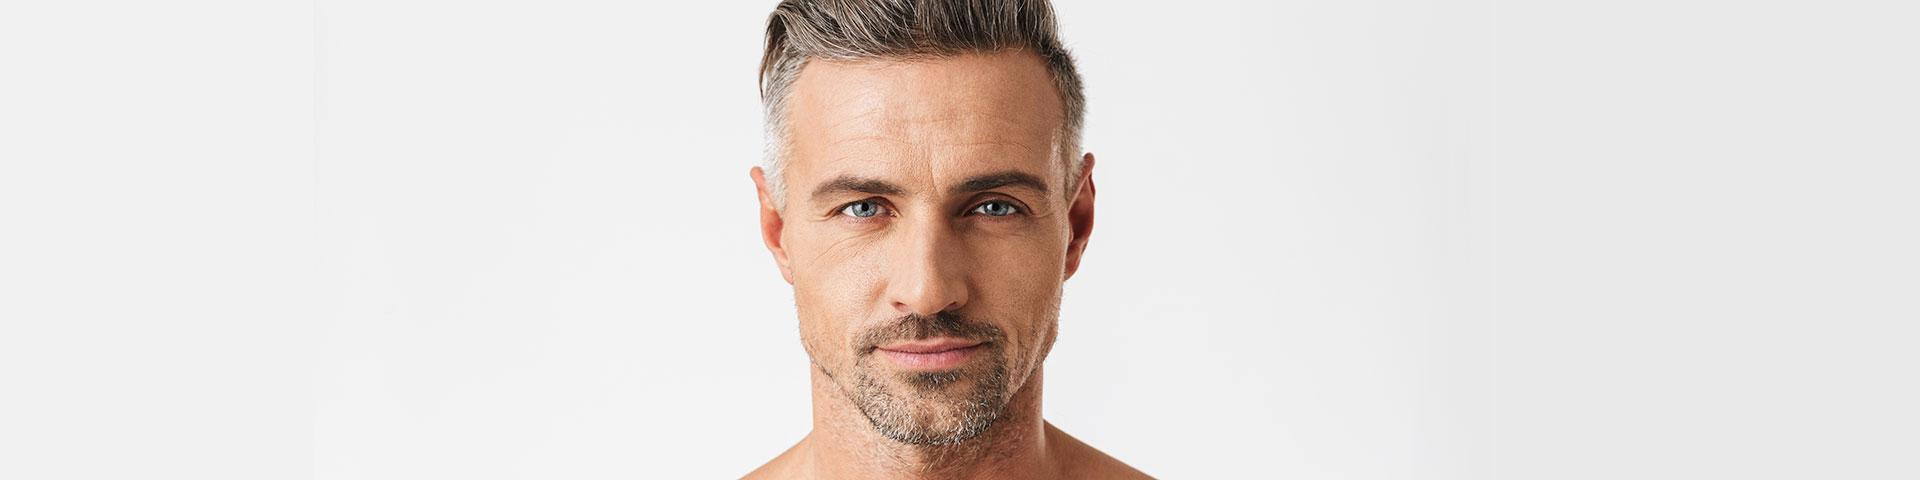 Männergesicht mit Bart